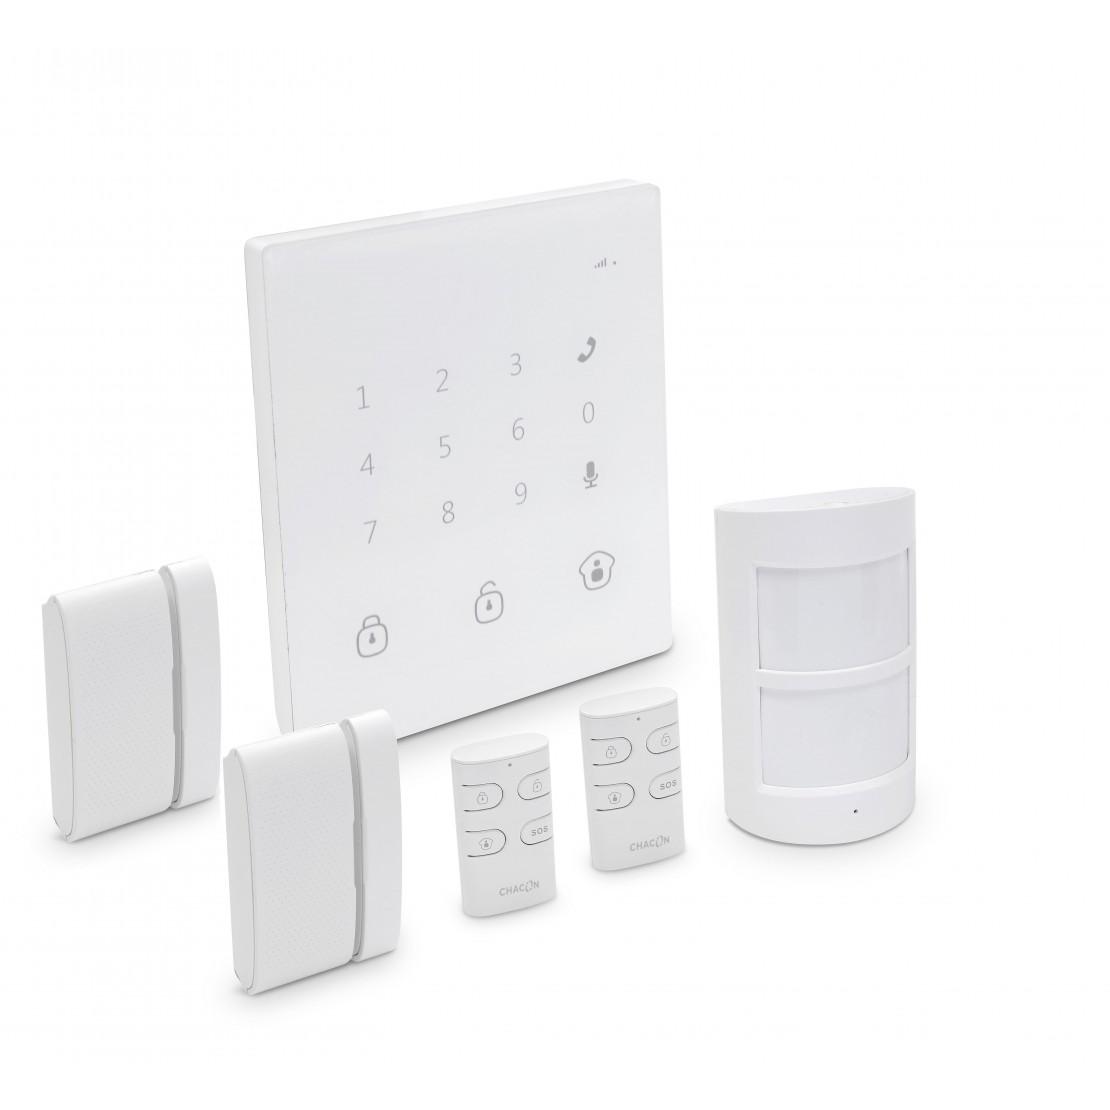 Wireless GSM/SMS alarm system